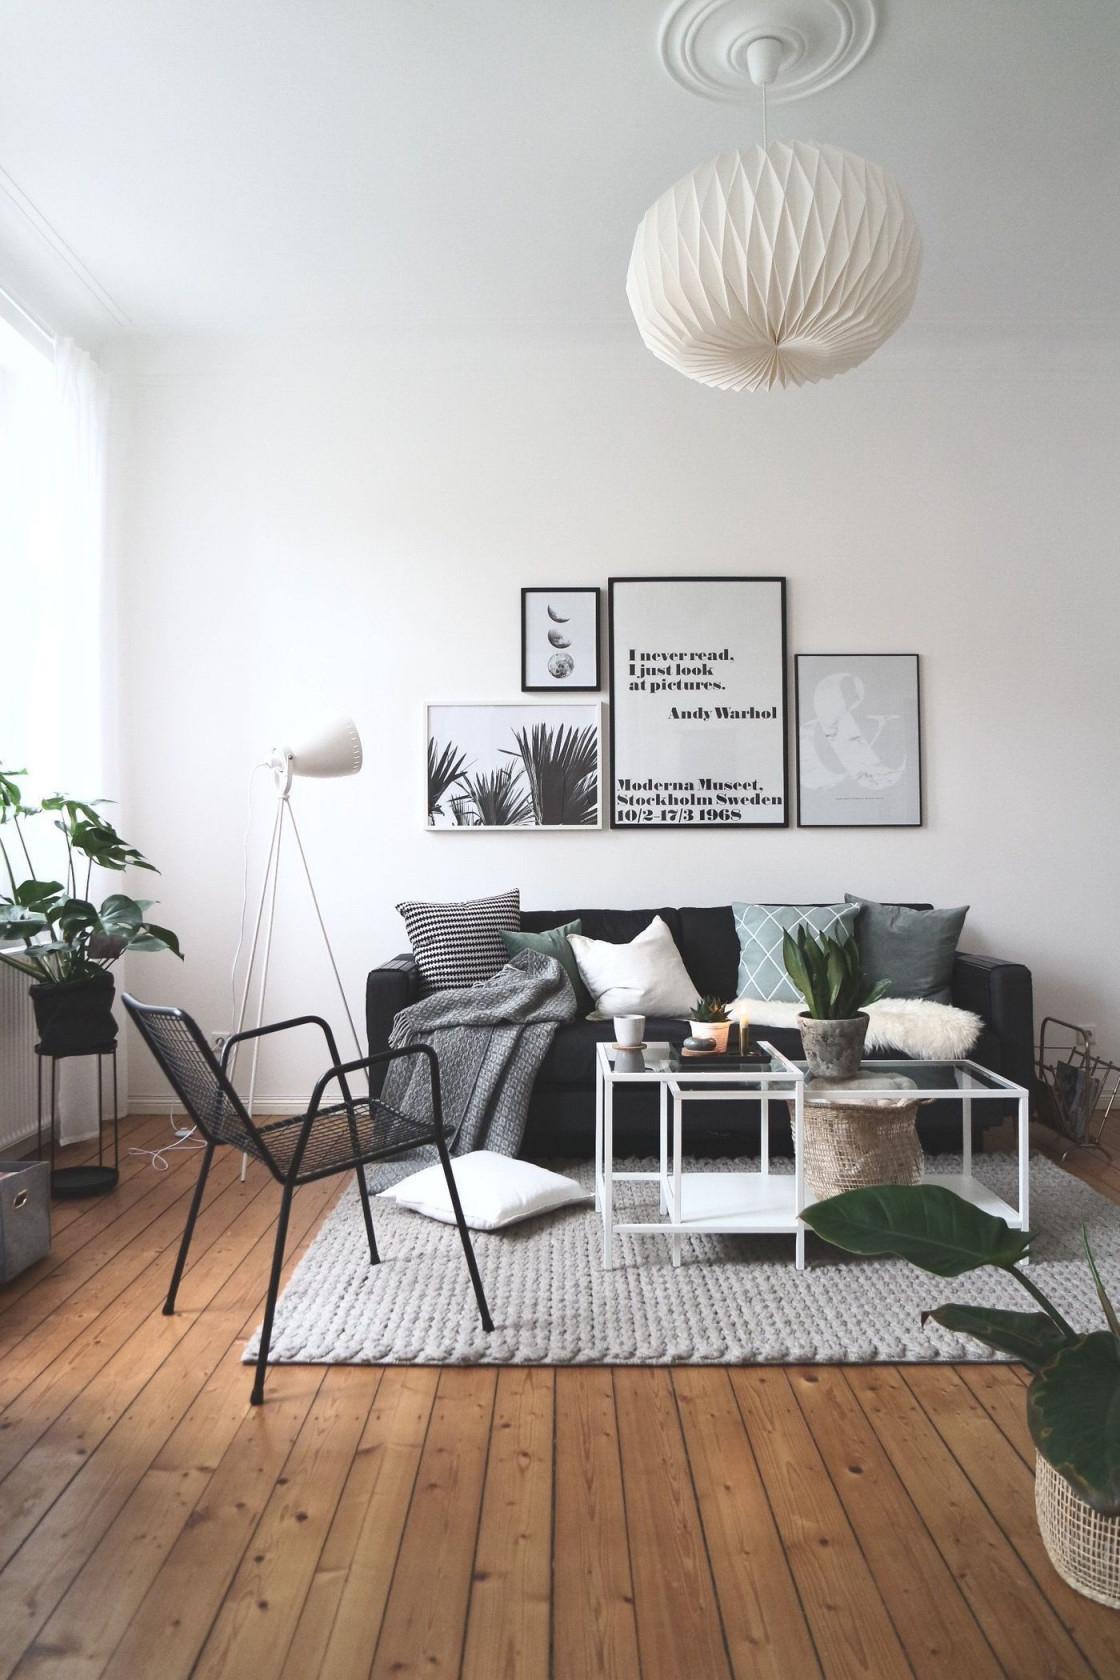 Schwarz Weiß Dekorieren Und Einrichten von Weißes Wohnzimmer Einrichten Photo